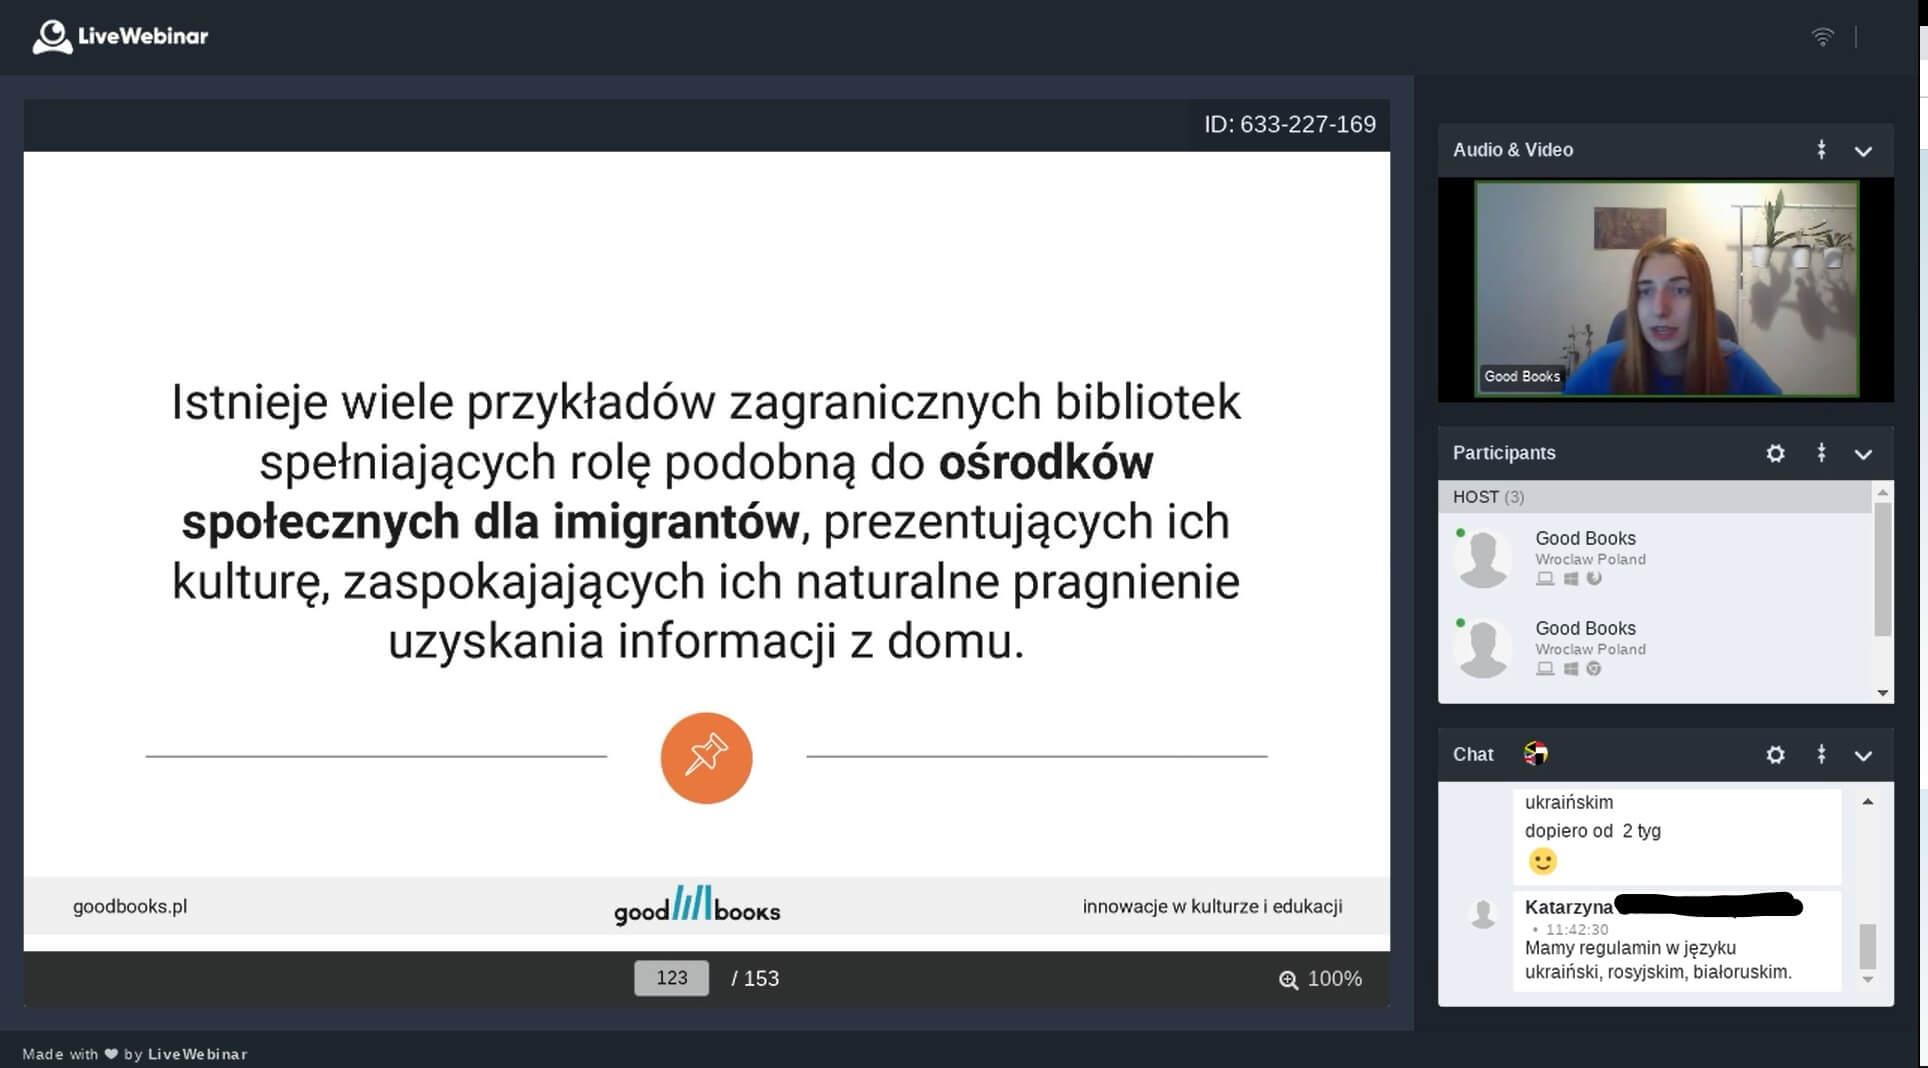 Ukraińcy w bibliotece - inspiracje i pomysły